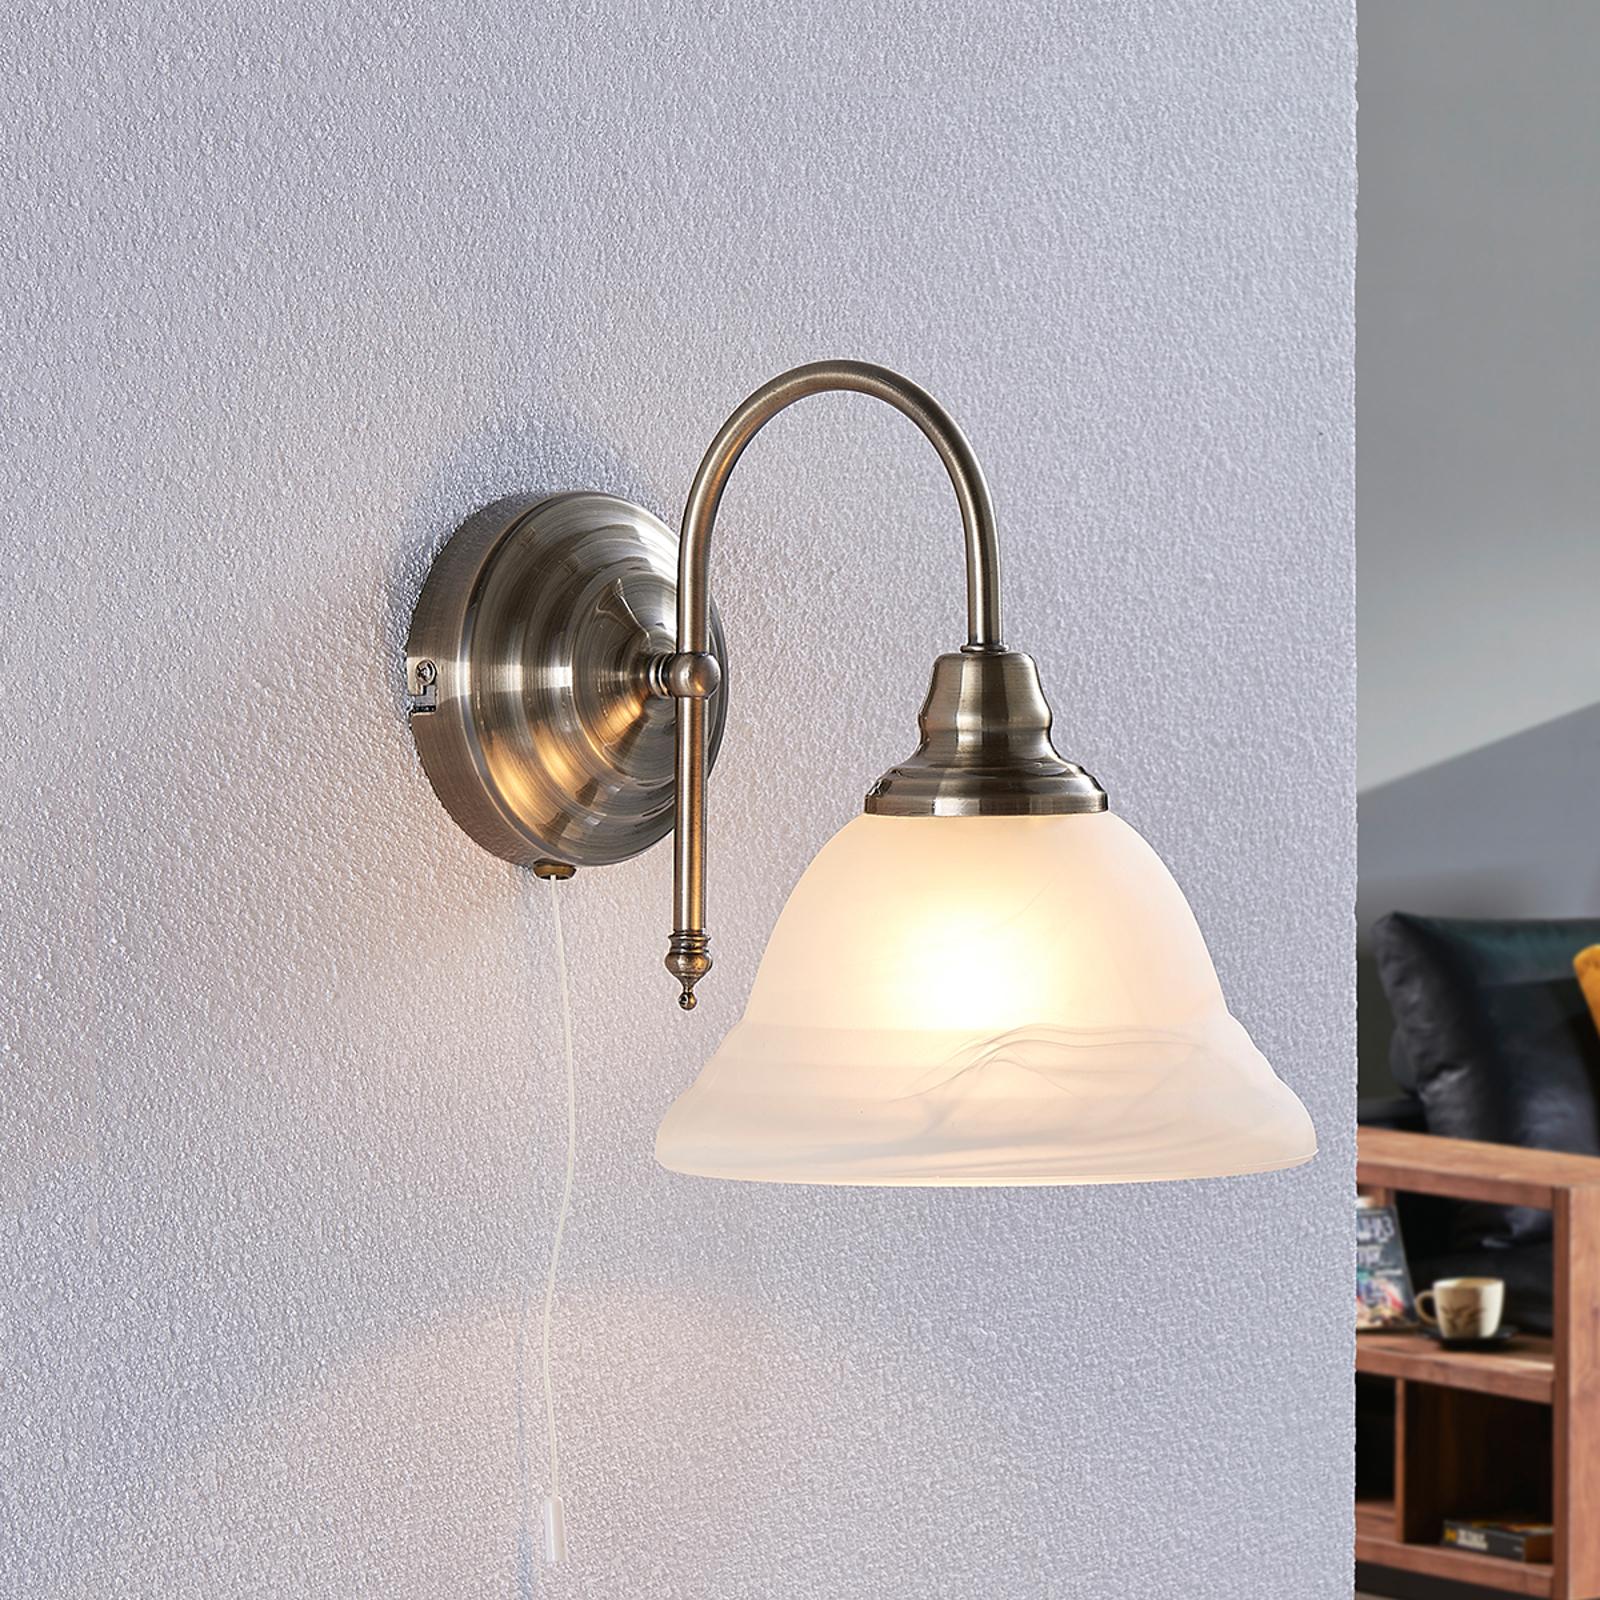 Acquista Hanna - lampada da parete in stile antico